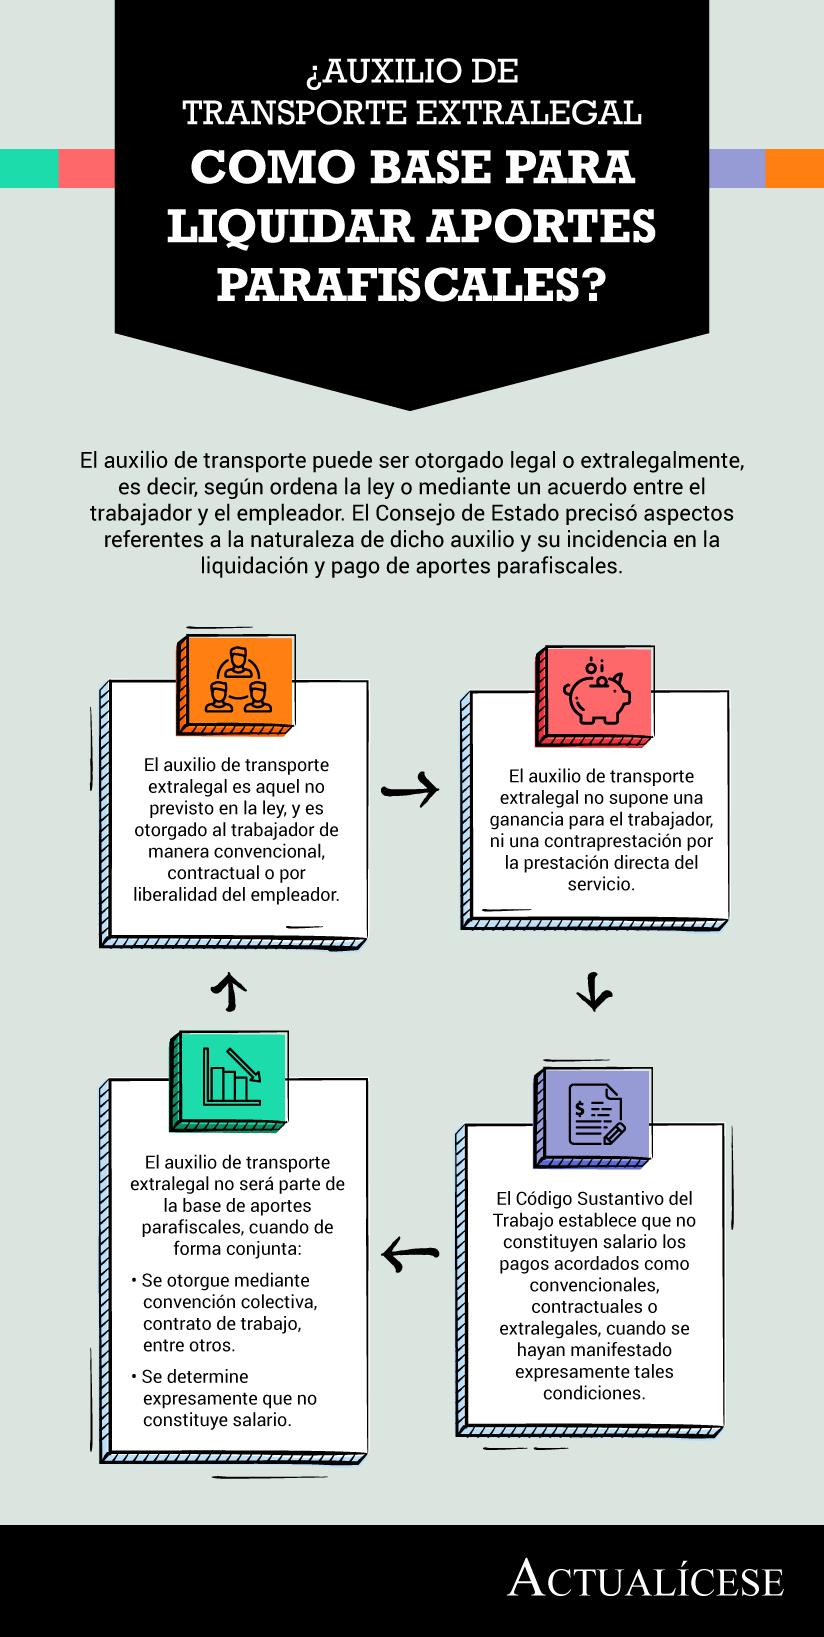 [Infografía] ¿Auxilio de transporte extralegal como base para liquidar aportes parafiscales?